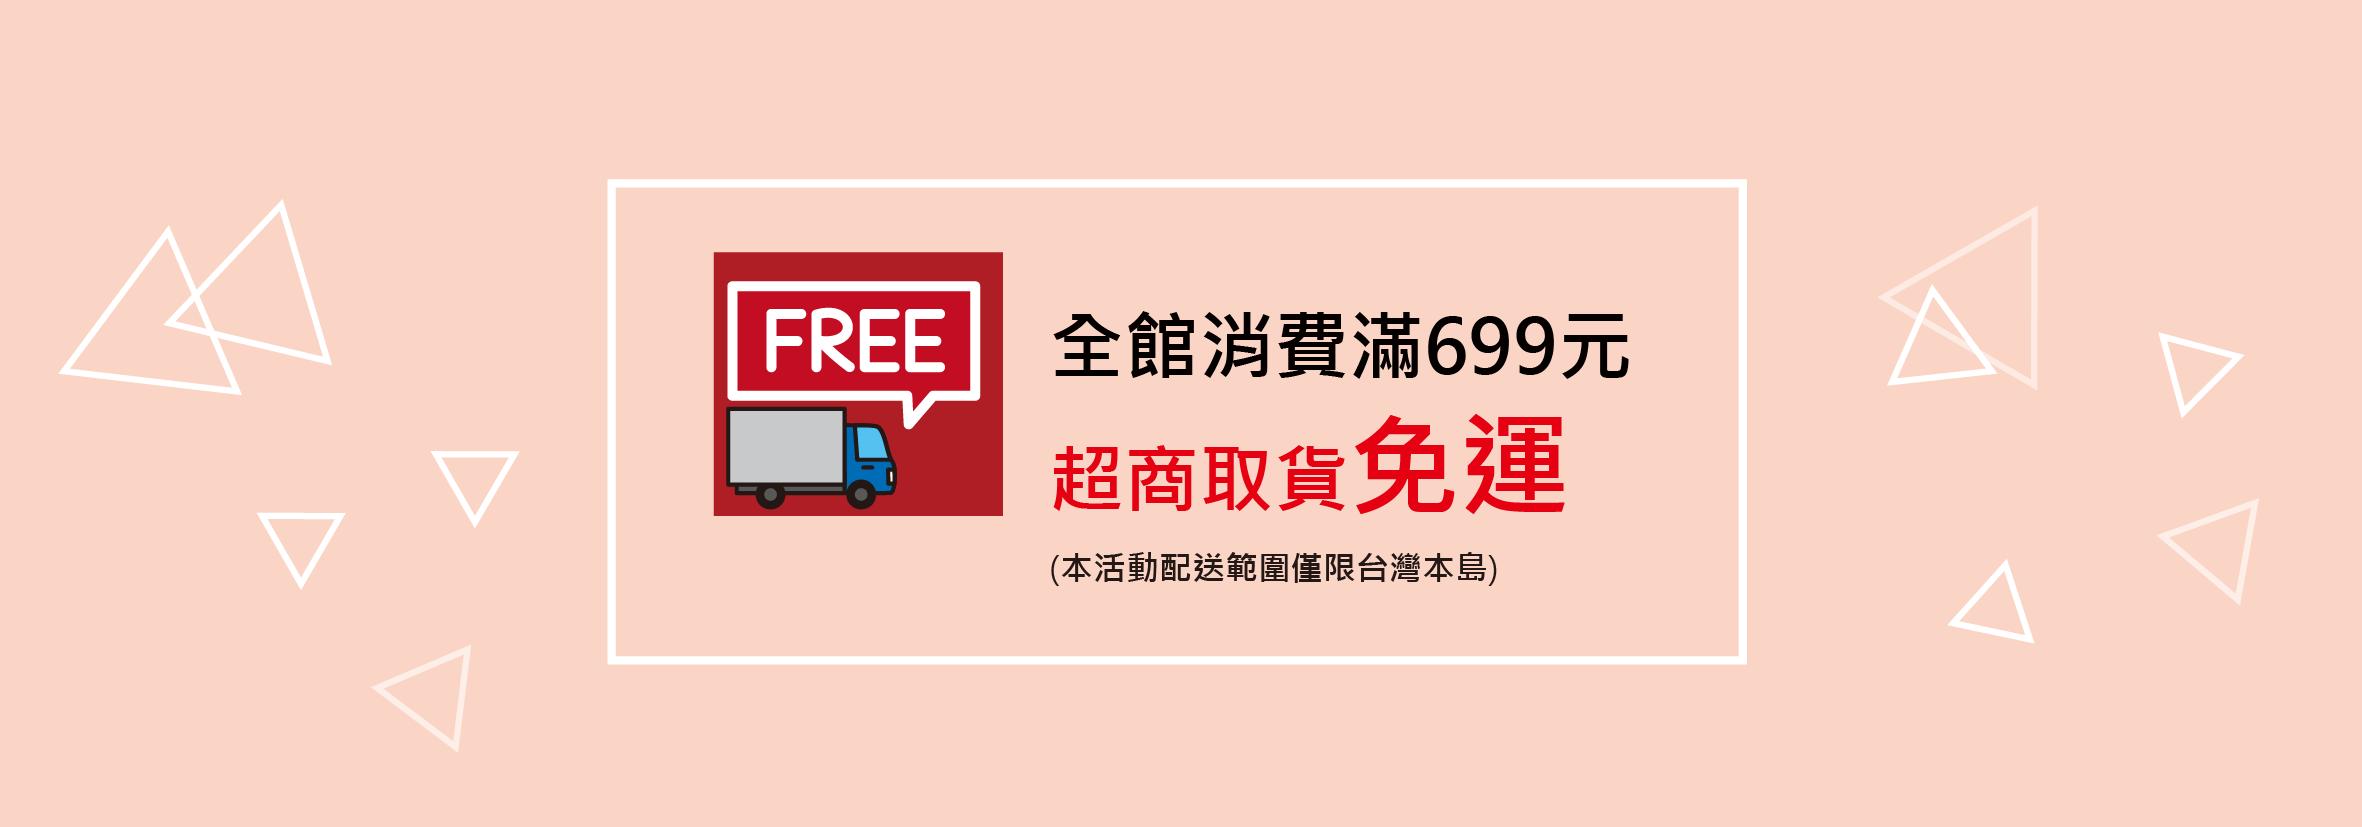 全館消費滿699元超商取貨免運費